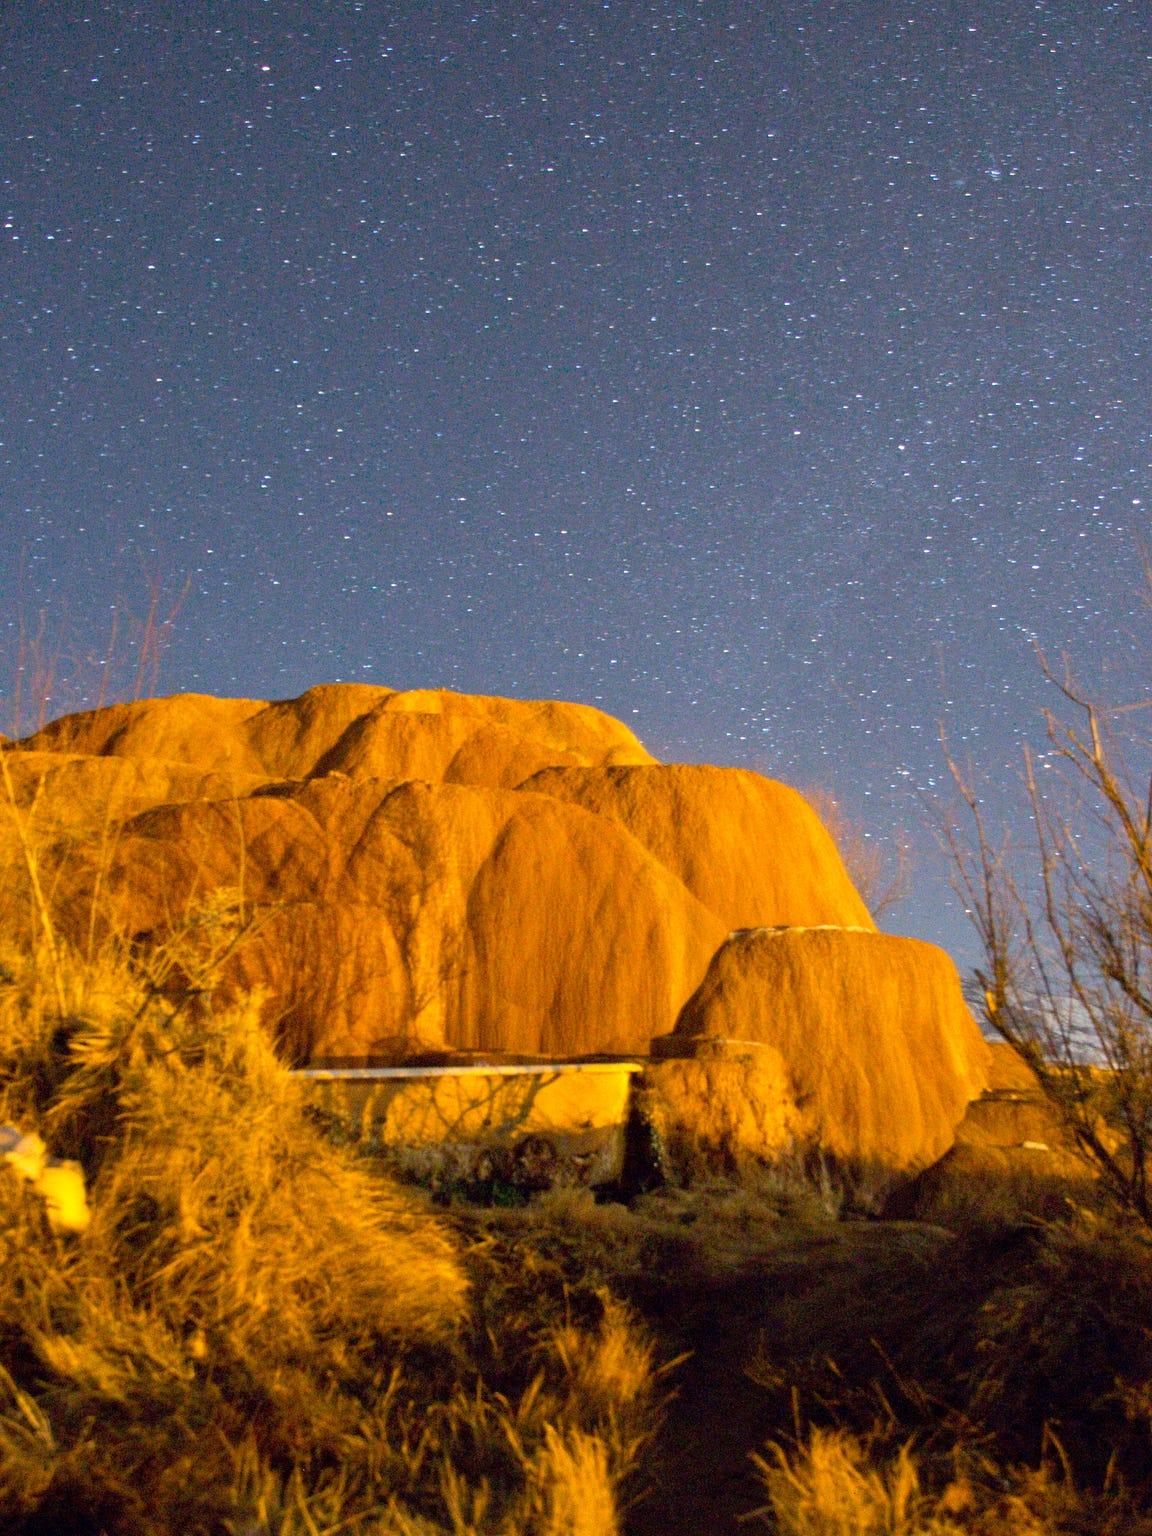 Mystic Hot Springs, Utah at night.